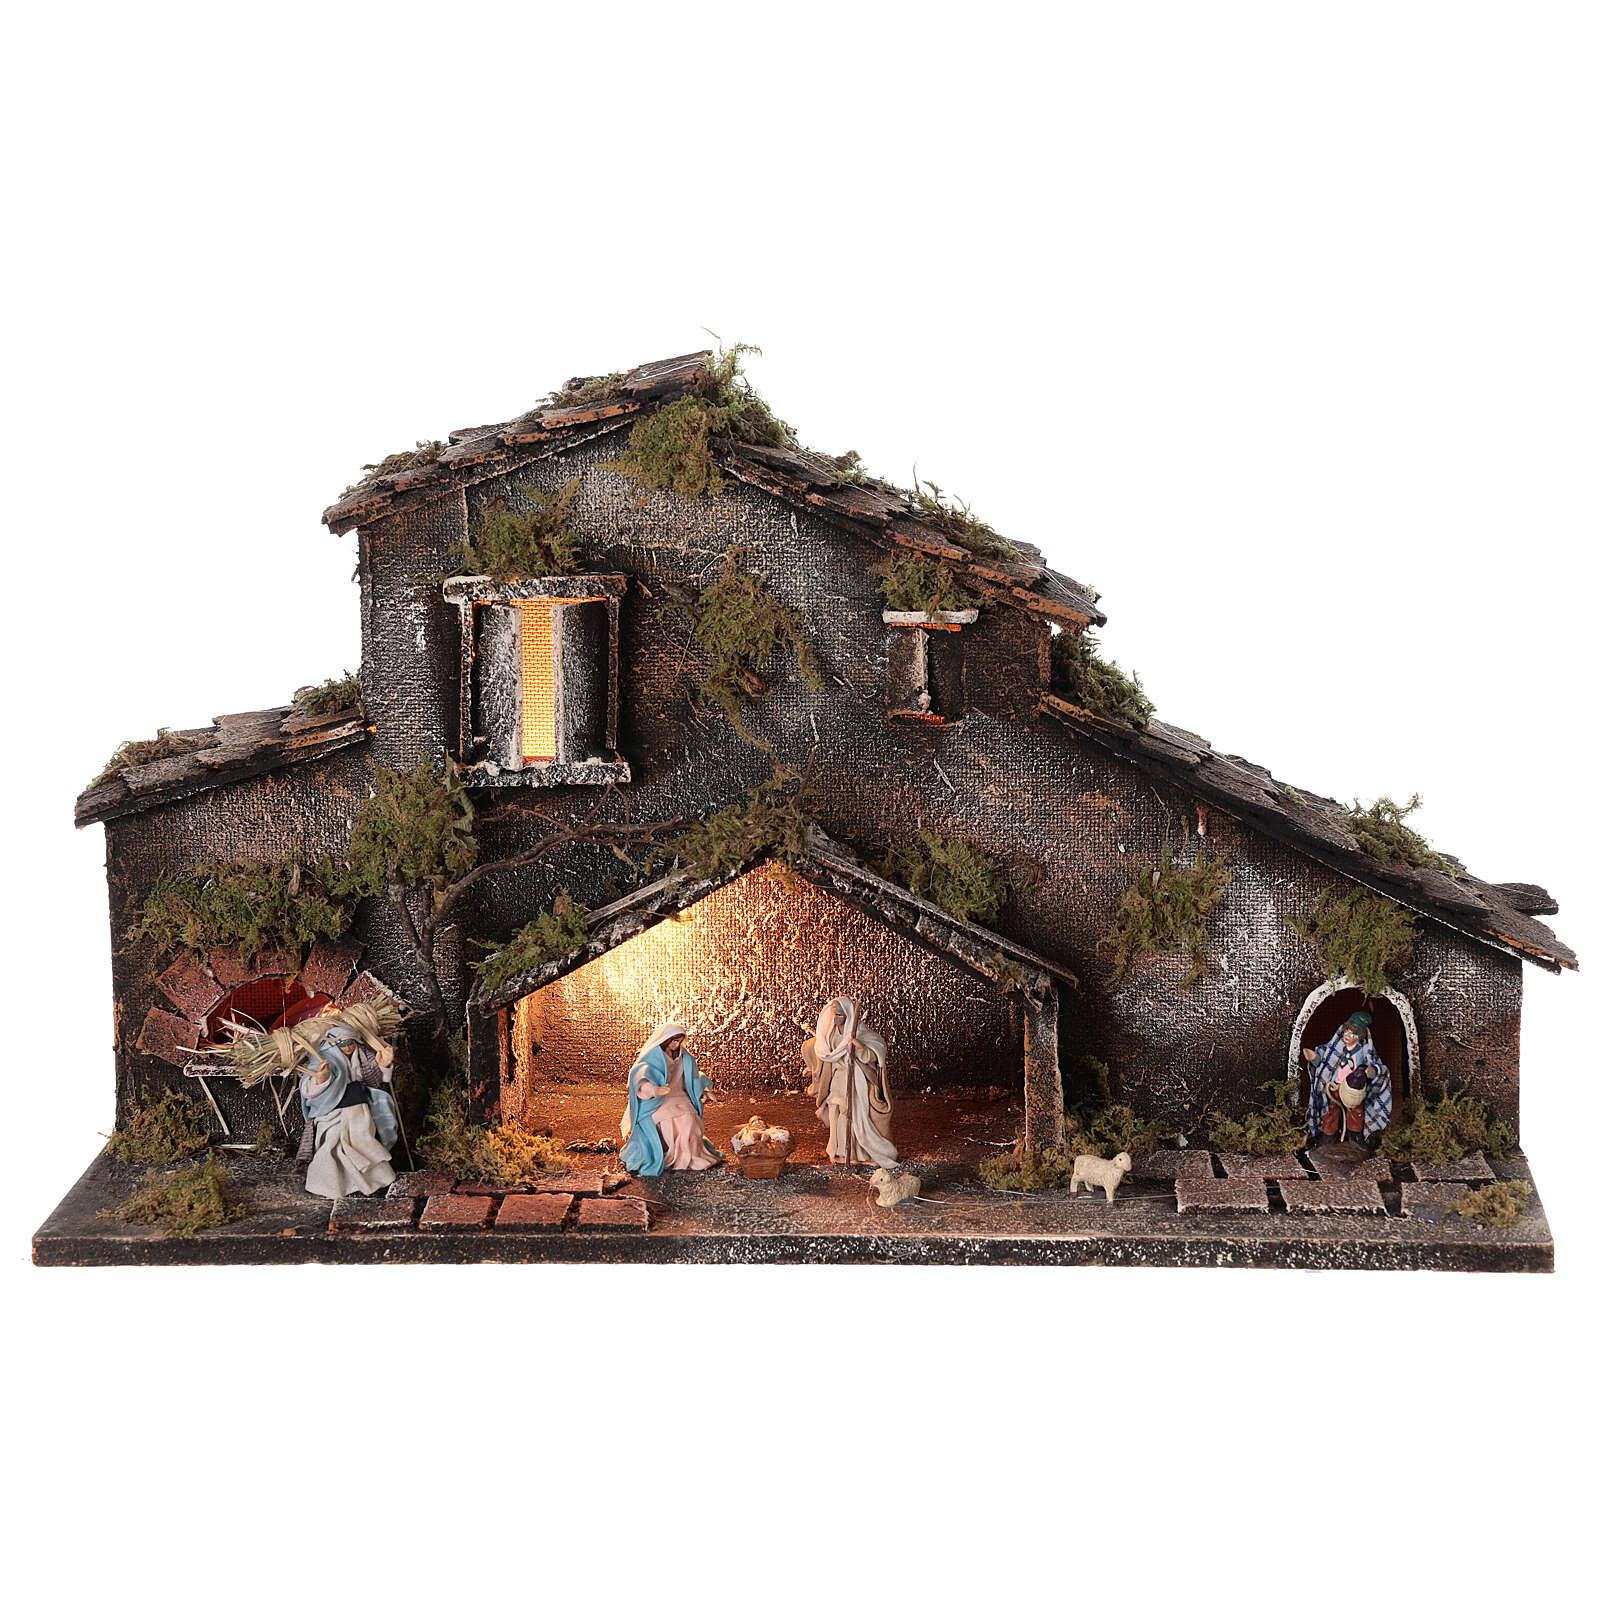 Cabane Nativité et bergers crèche napolitaine 6 cm lumières 25x50x20 cm 4